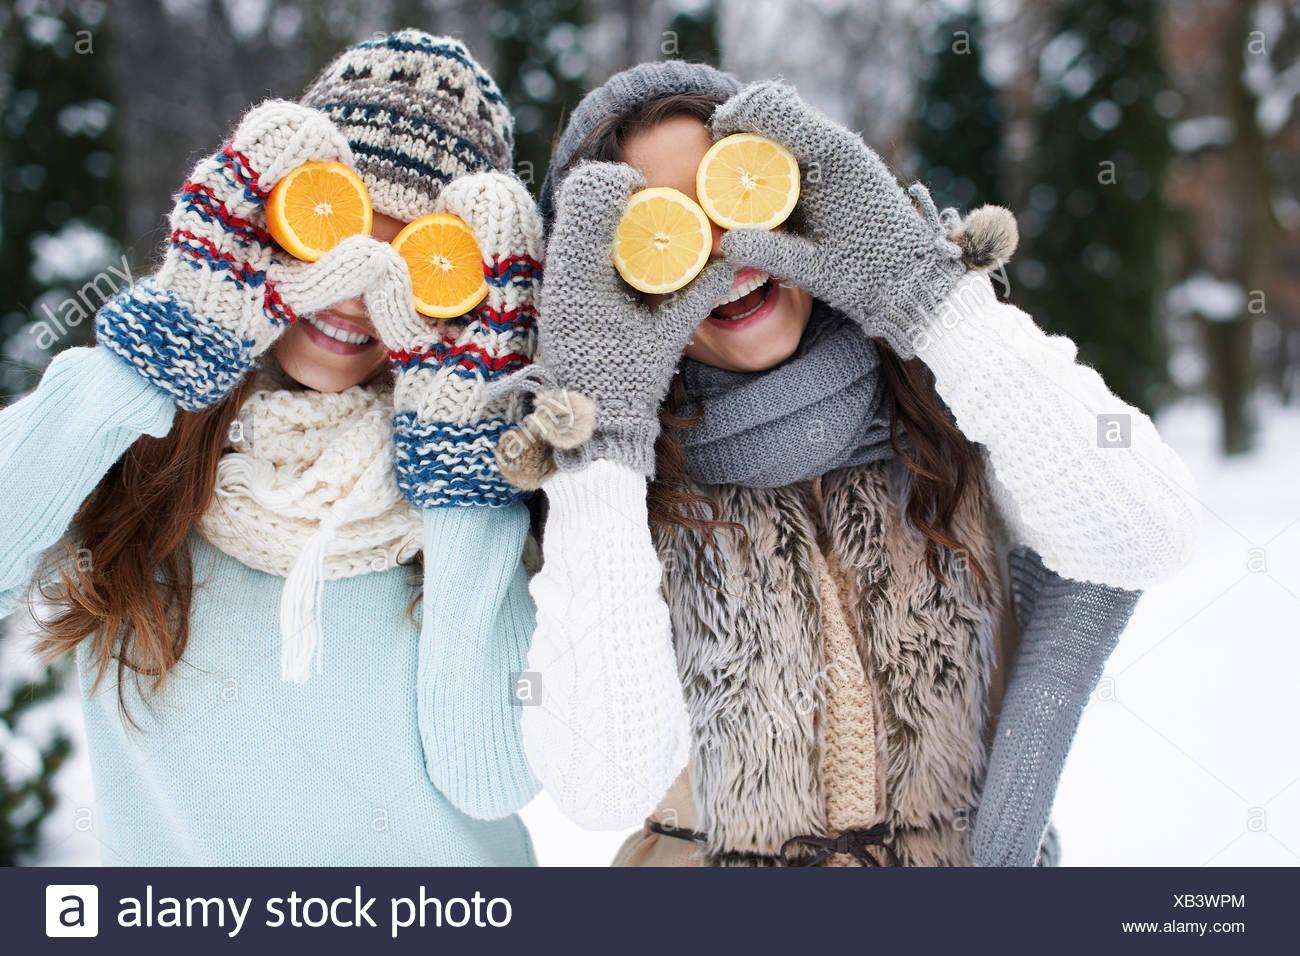 Funny ragazze con vitamine naturali in inverno. Debica, Polonia Immagini Stock